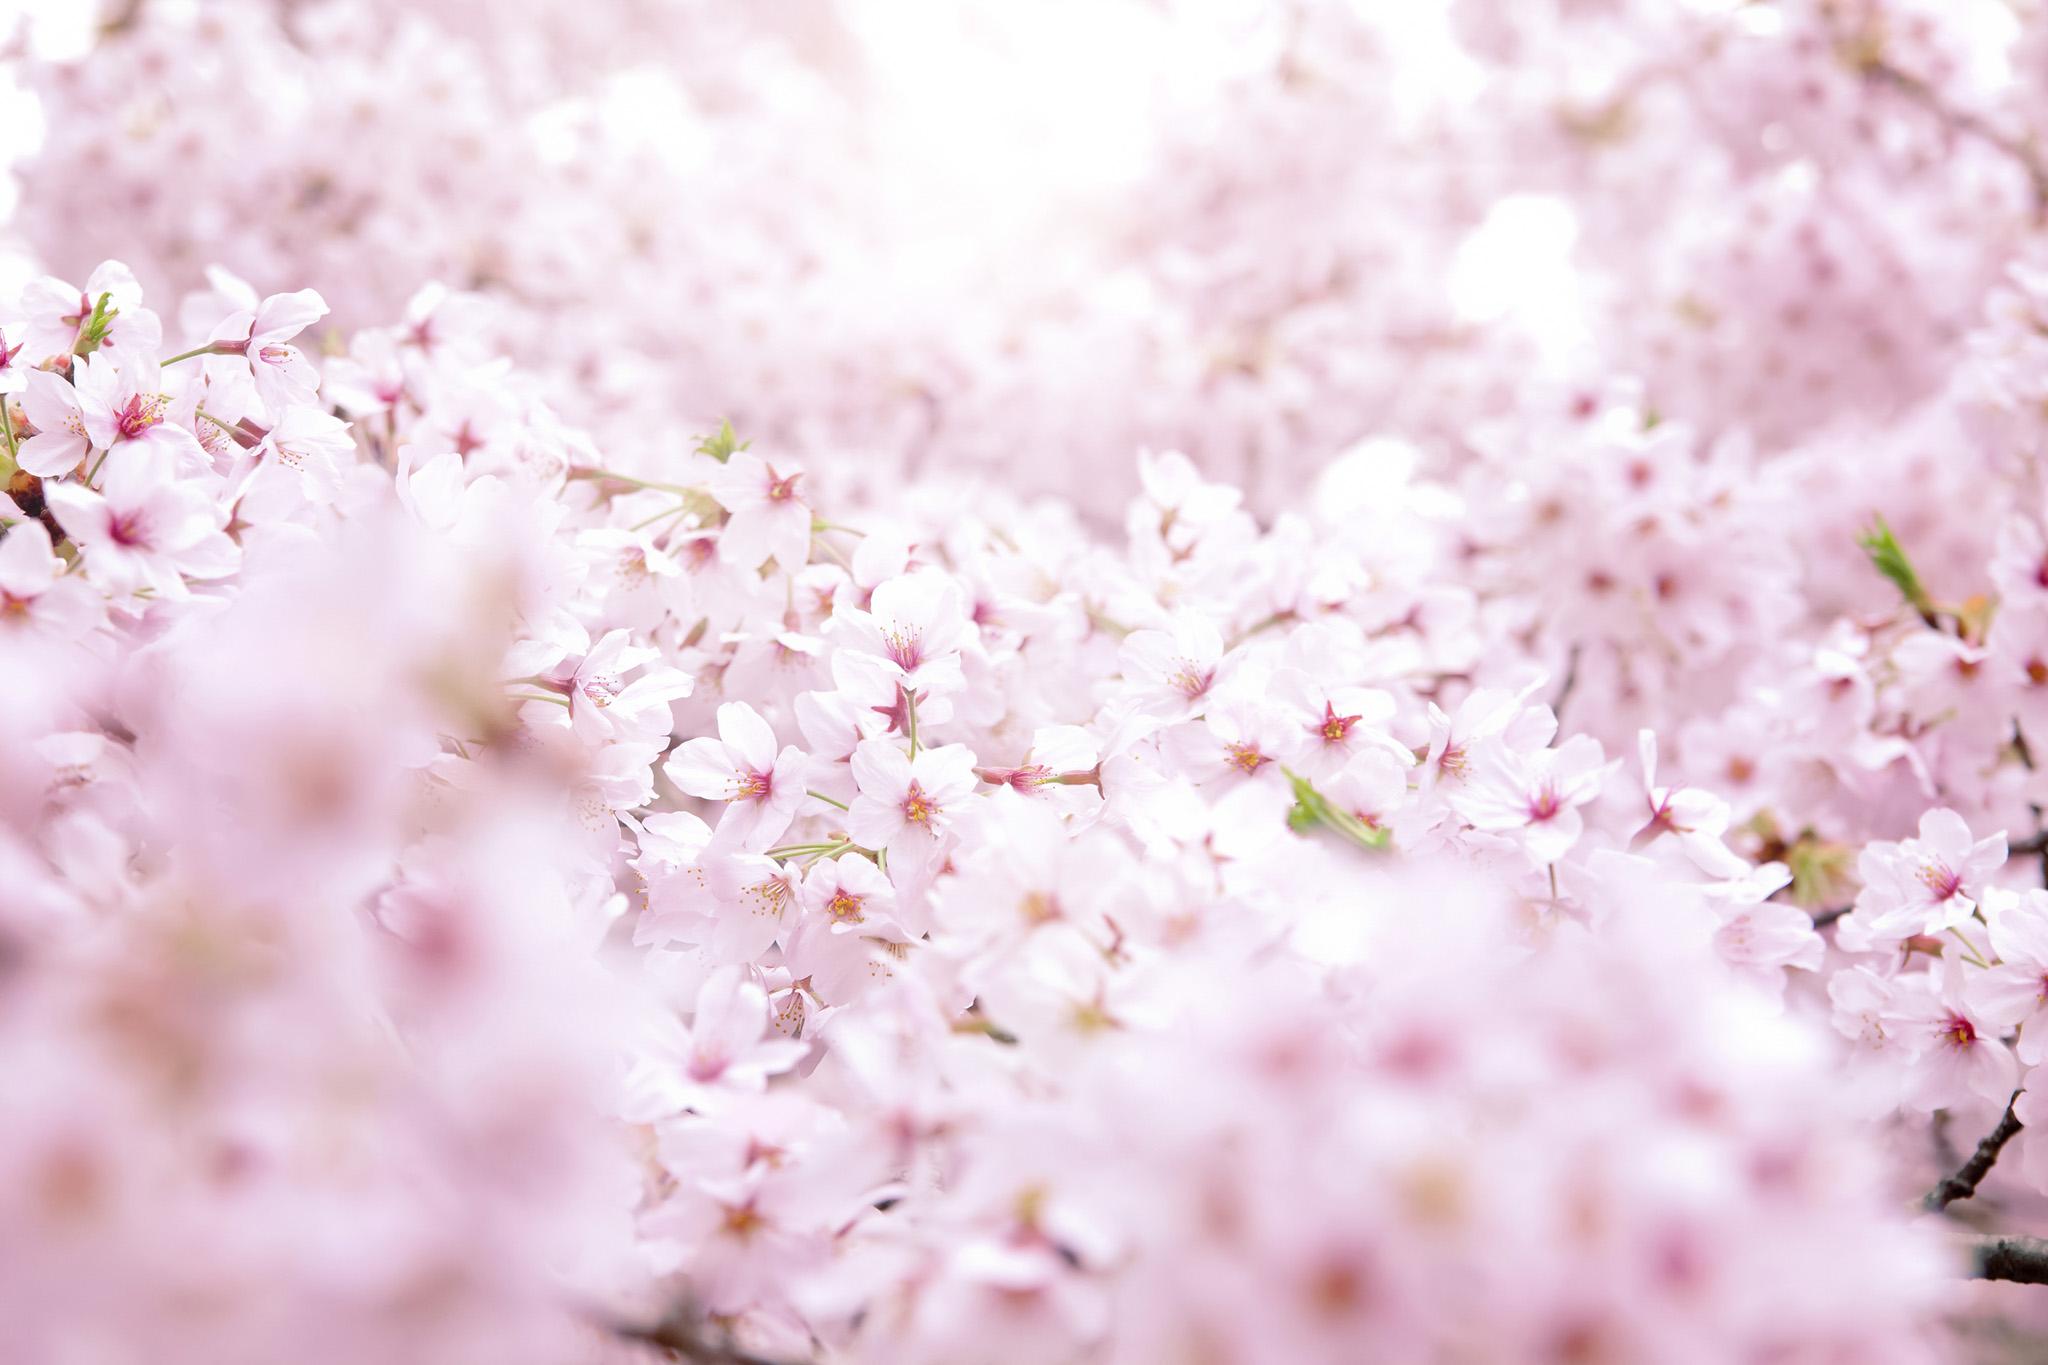 「一面に咲く満開のサクラ」の素材を無料ダウンロード